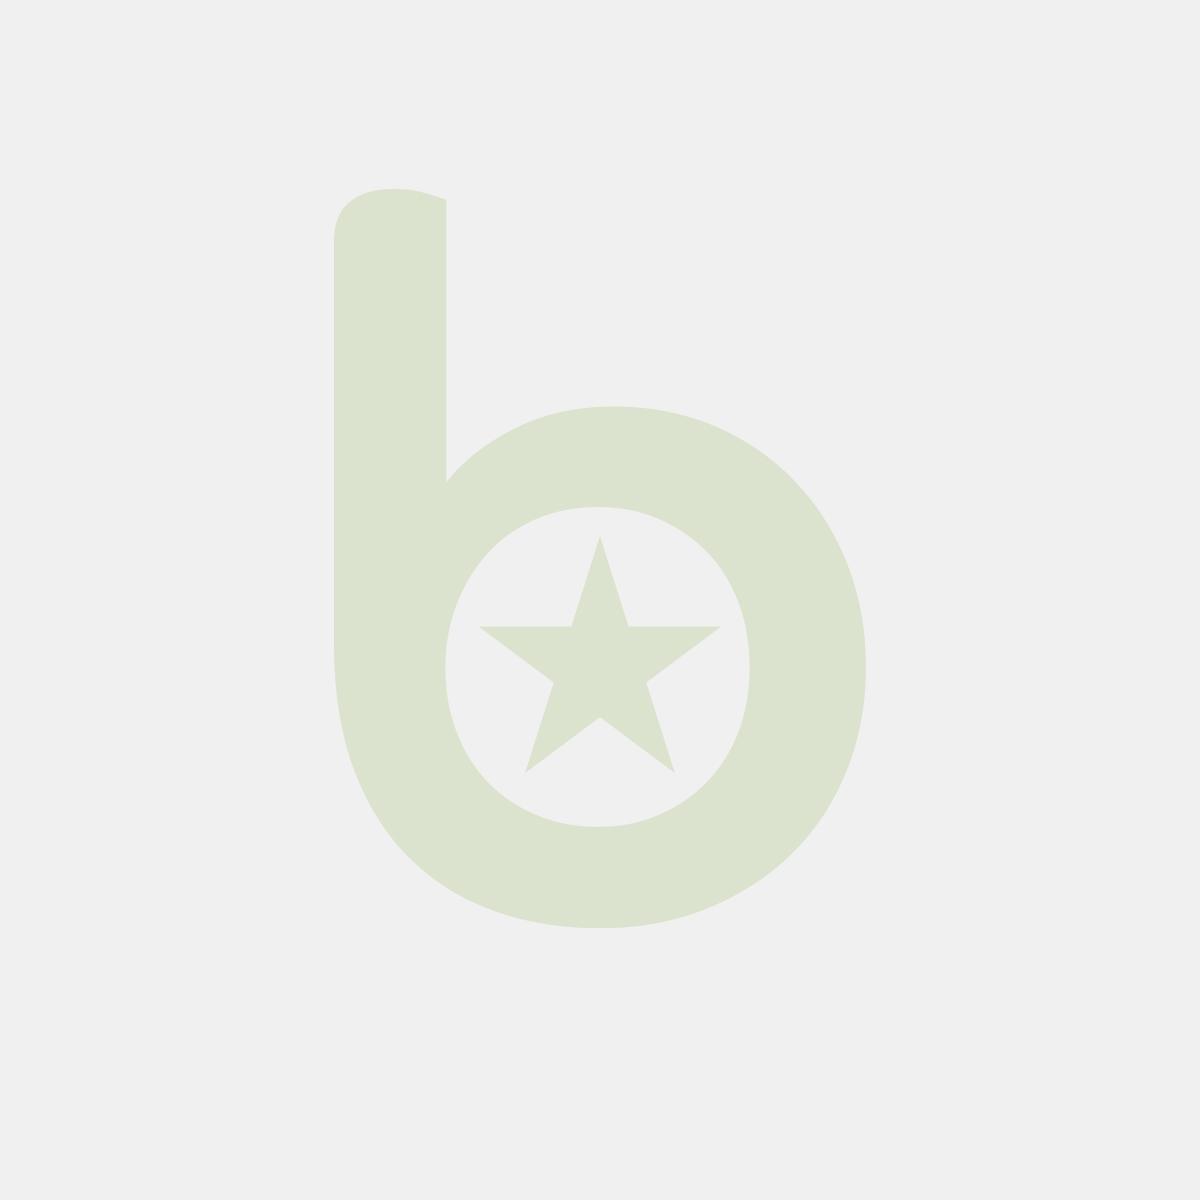 Pojemnik obiadowy do zgrzewu K 227/2, dwudzielny, biały, 227x178x40, cena za opakowanie 50szt